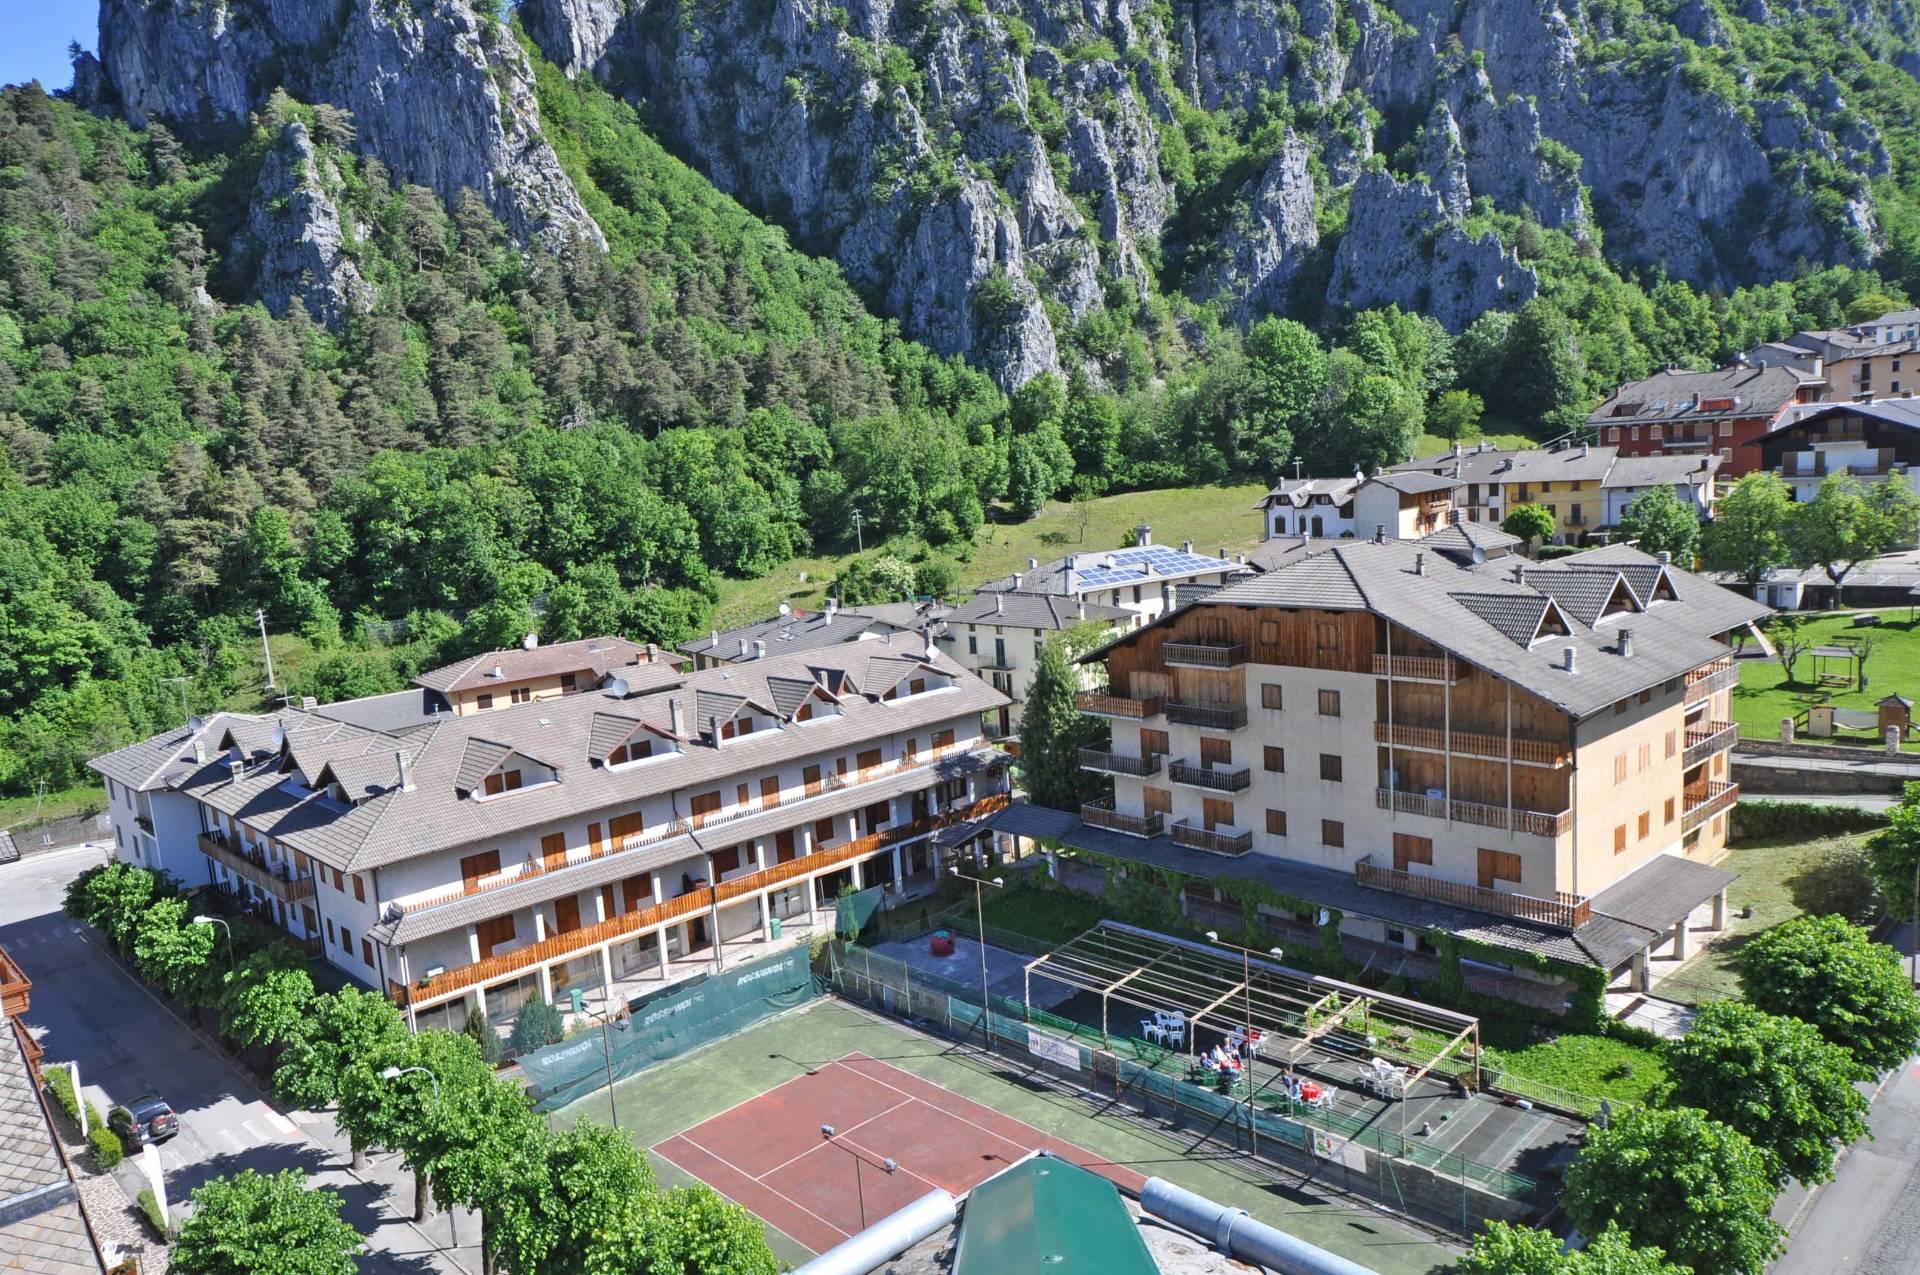 Appartamento in vendita a Piazzatorre, 4 locali, prezzo € 79.000 | CambioCasa.it